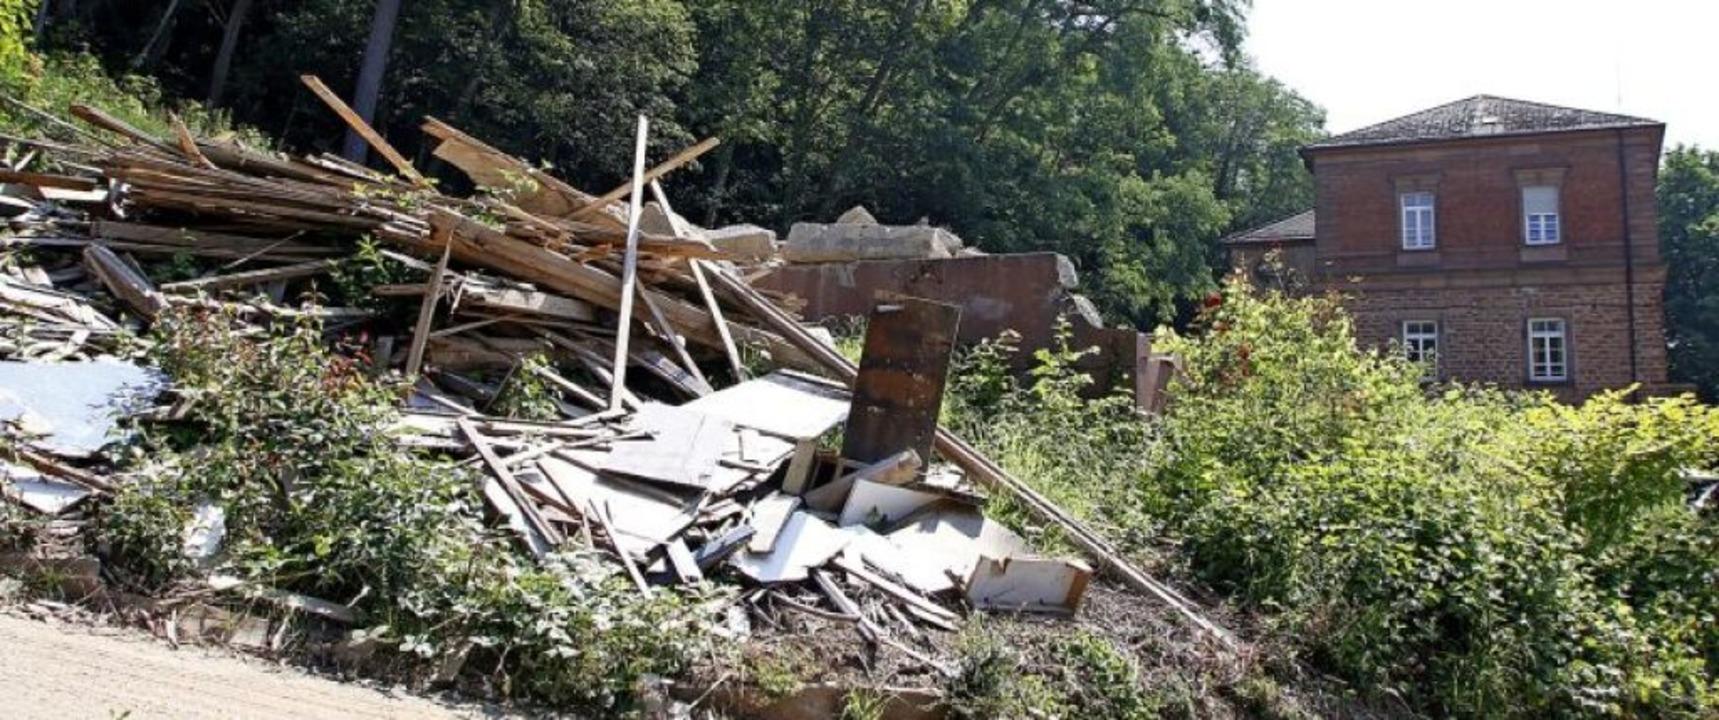 Das Baugebiet am Altenberg bleibt umstritten.   | Foto: Heidi Fößel